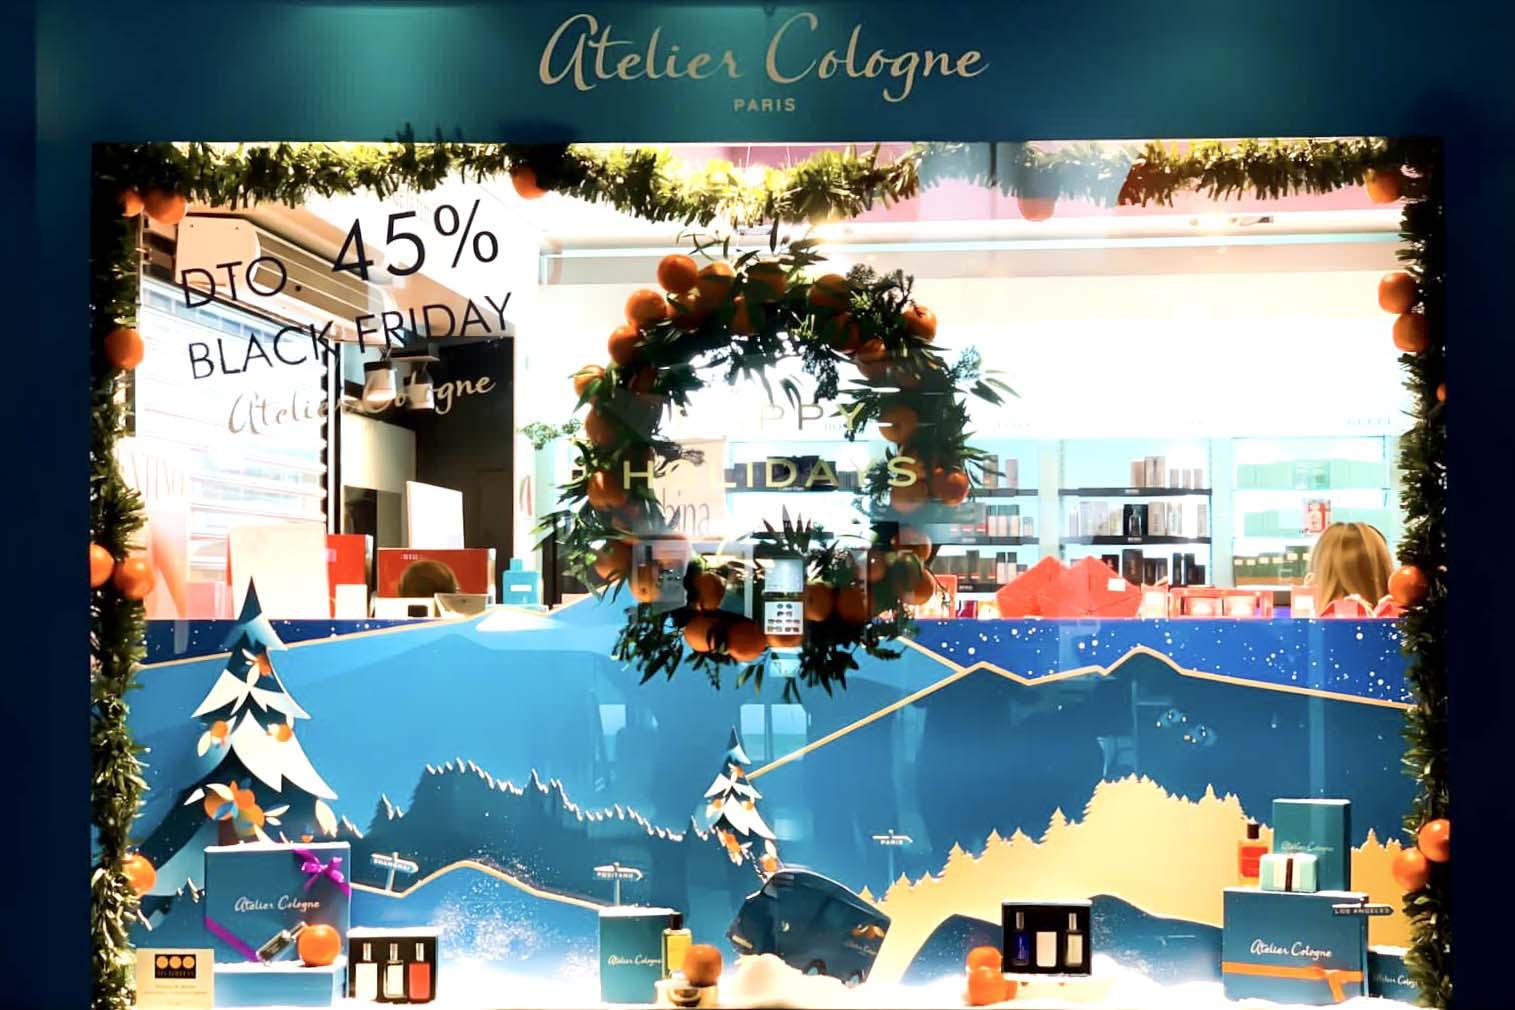 Escaparate Atelier Cologne Navidad